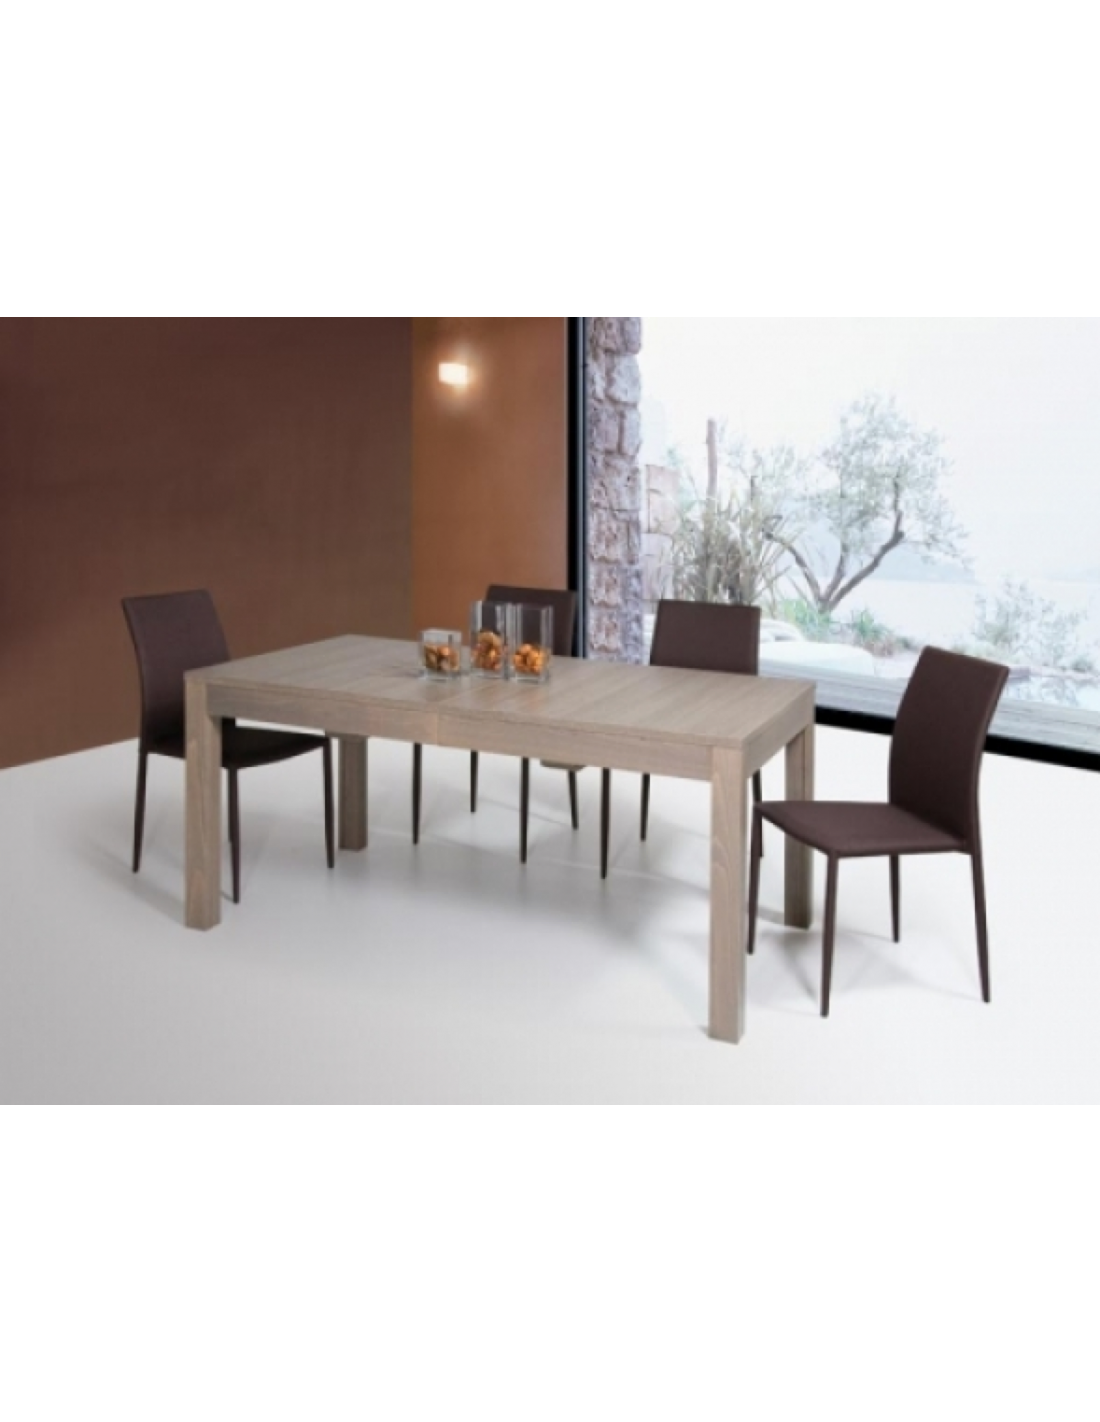 Tavolo rettangolare allungabile 160x90 cm art 1145 - Tavolo rettangolare allungabile ...